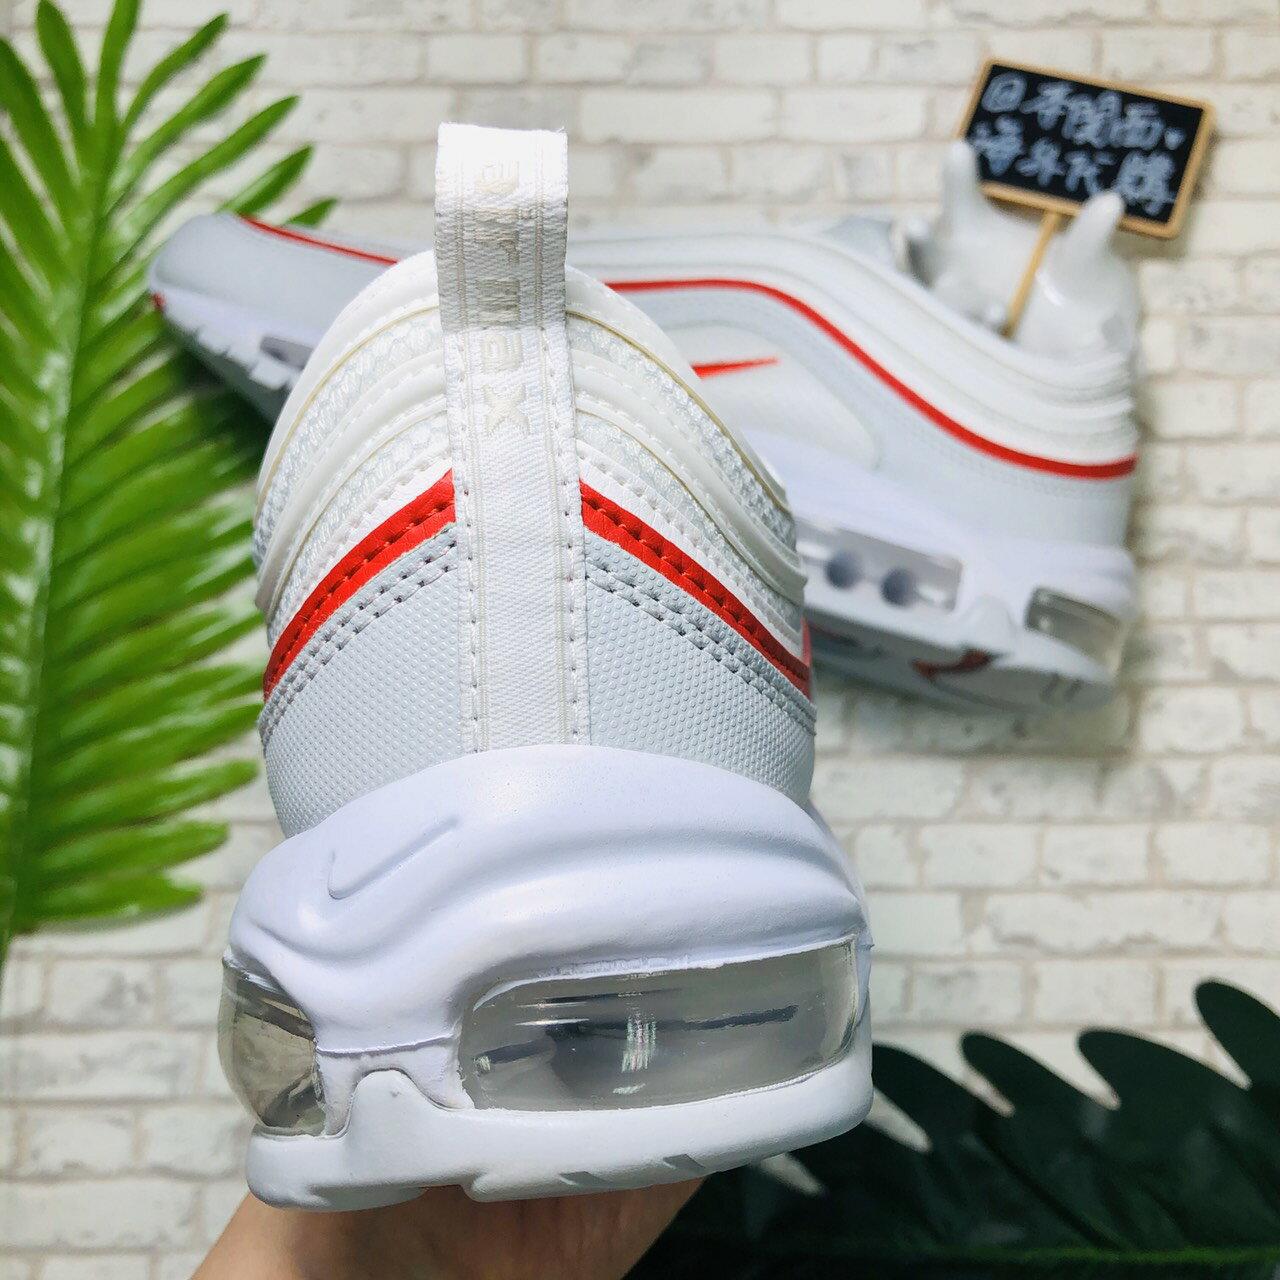 【日本海外代購】Nike Air Max 97 OG 白紅 白灰 子彈 氣墊 反光 AR5531-002 慢跑  男女